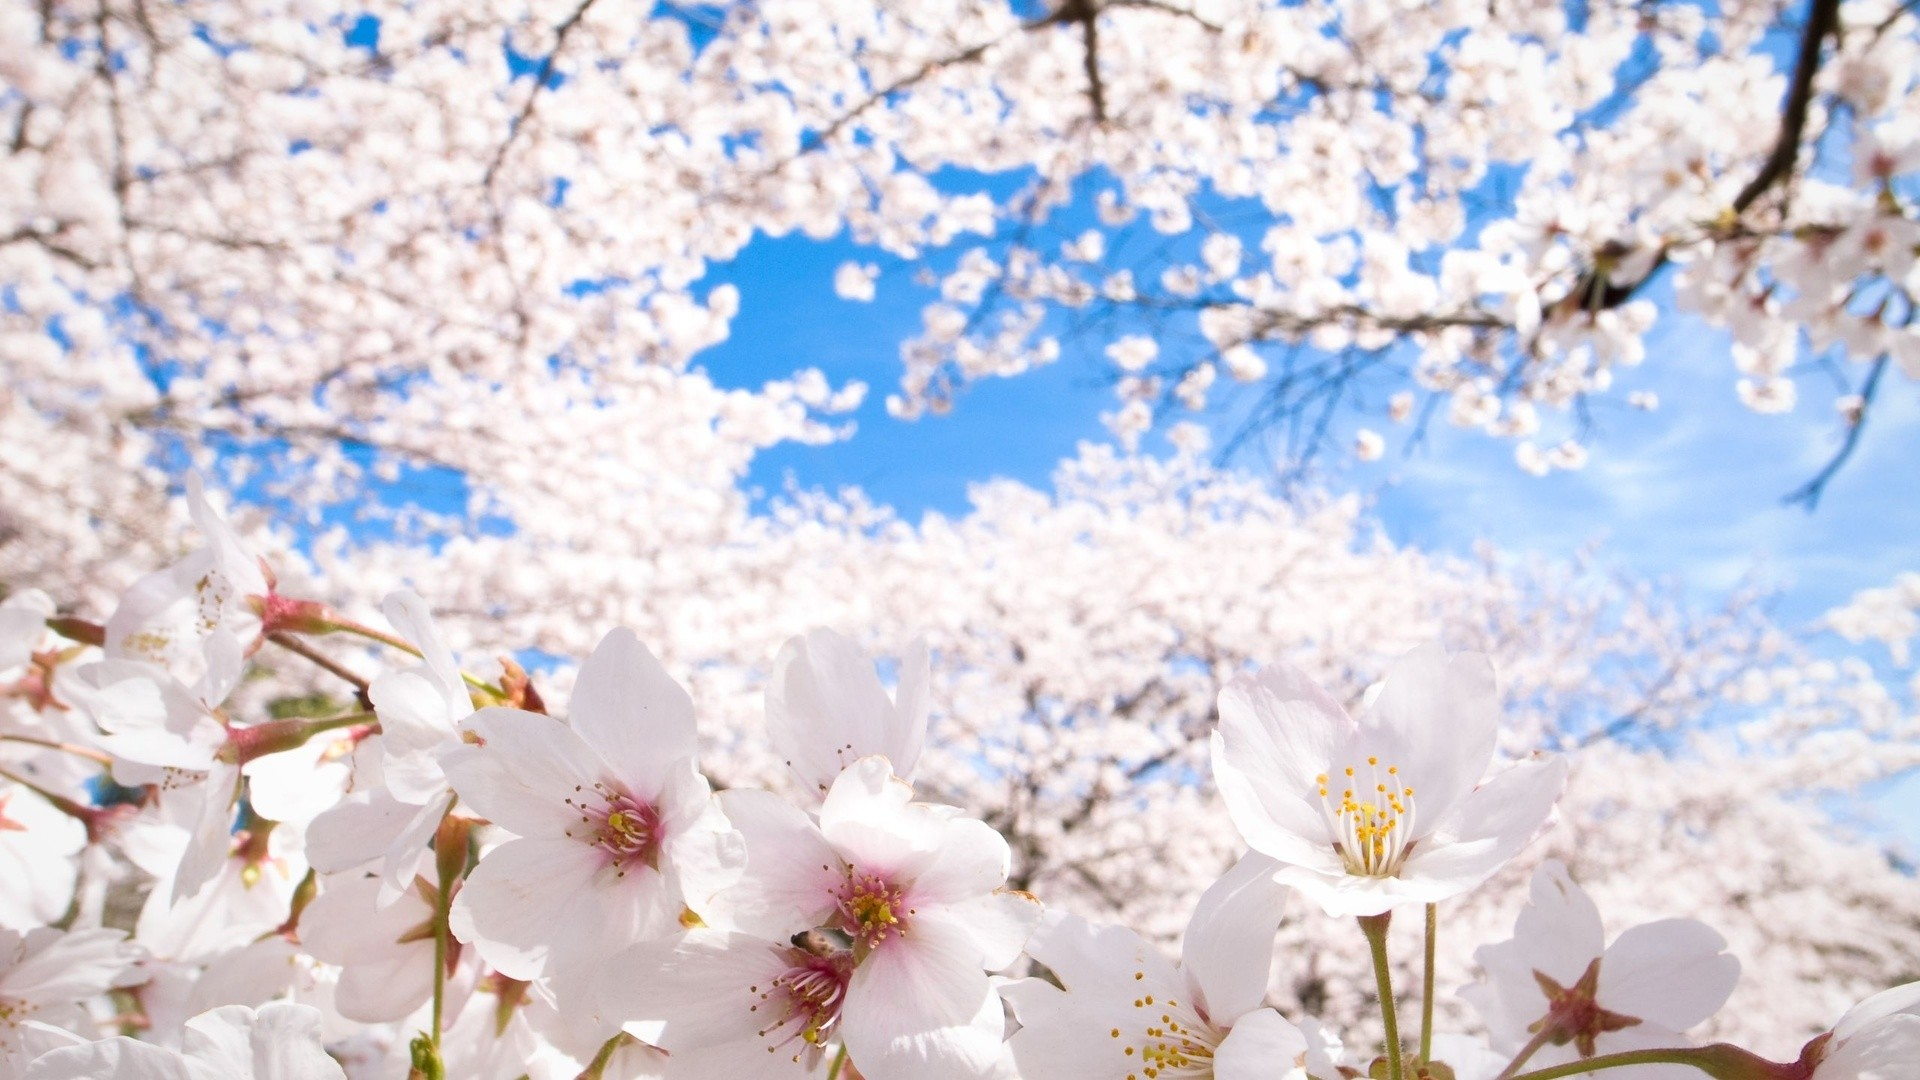 Sakura Wallpaper Download Free Stunning Wallpapers For Desktop